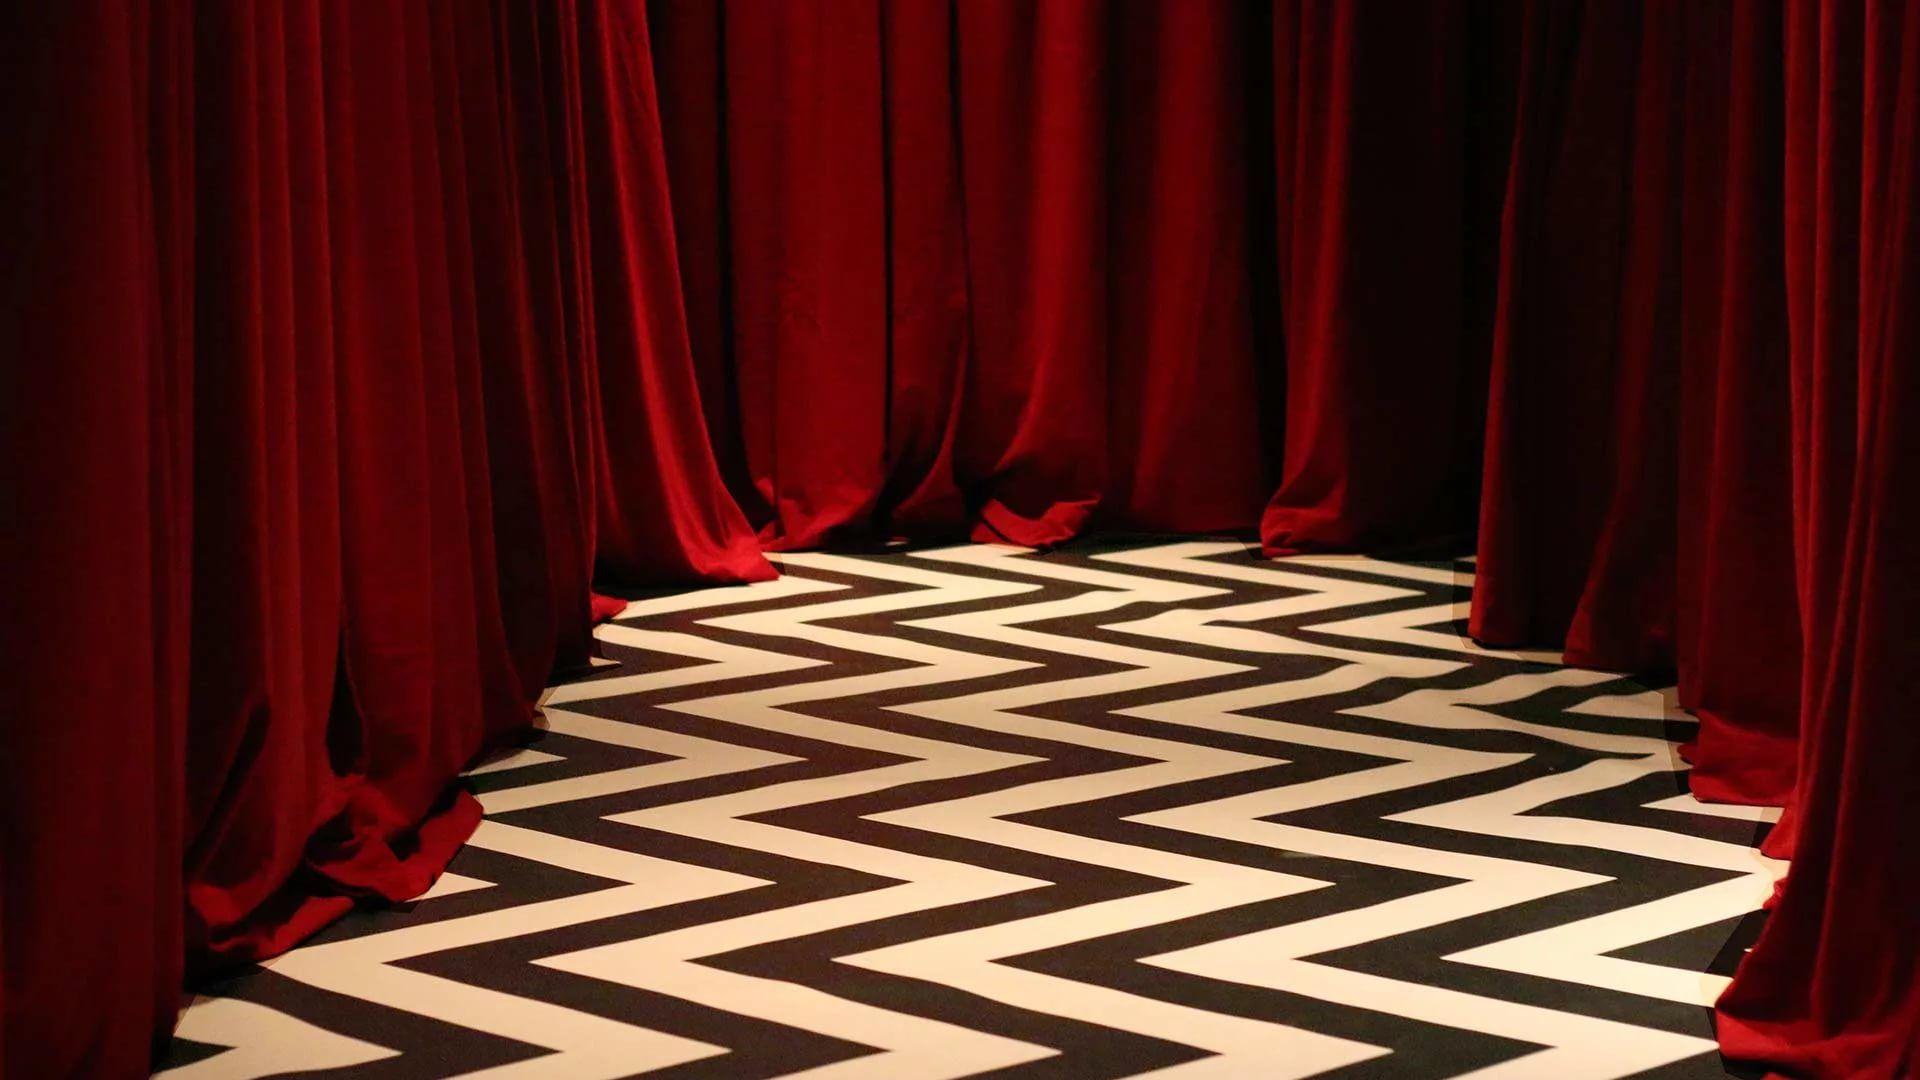 Twin Peaks HD Desktop Wallpaper